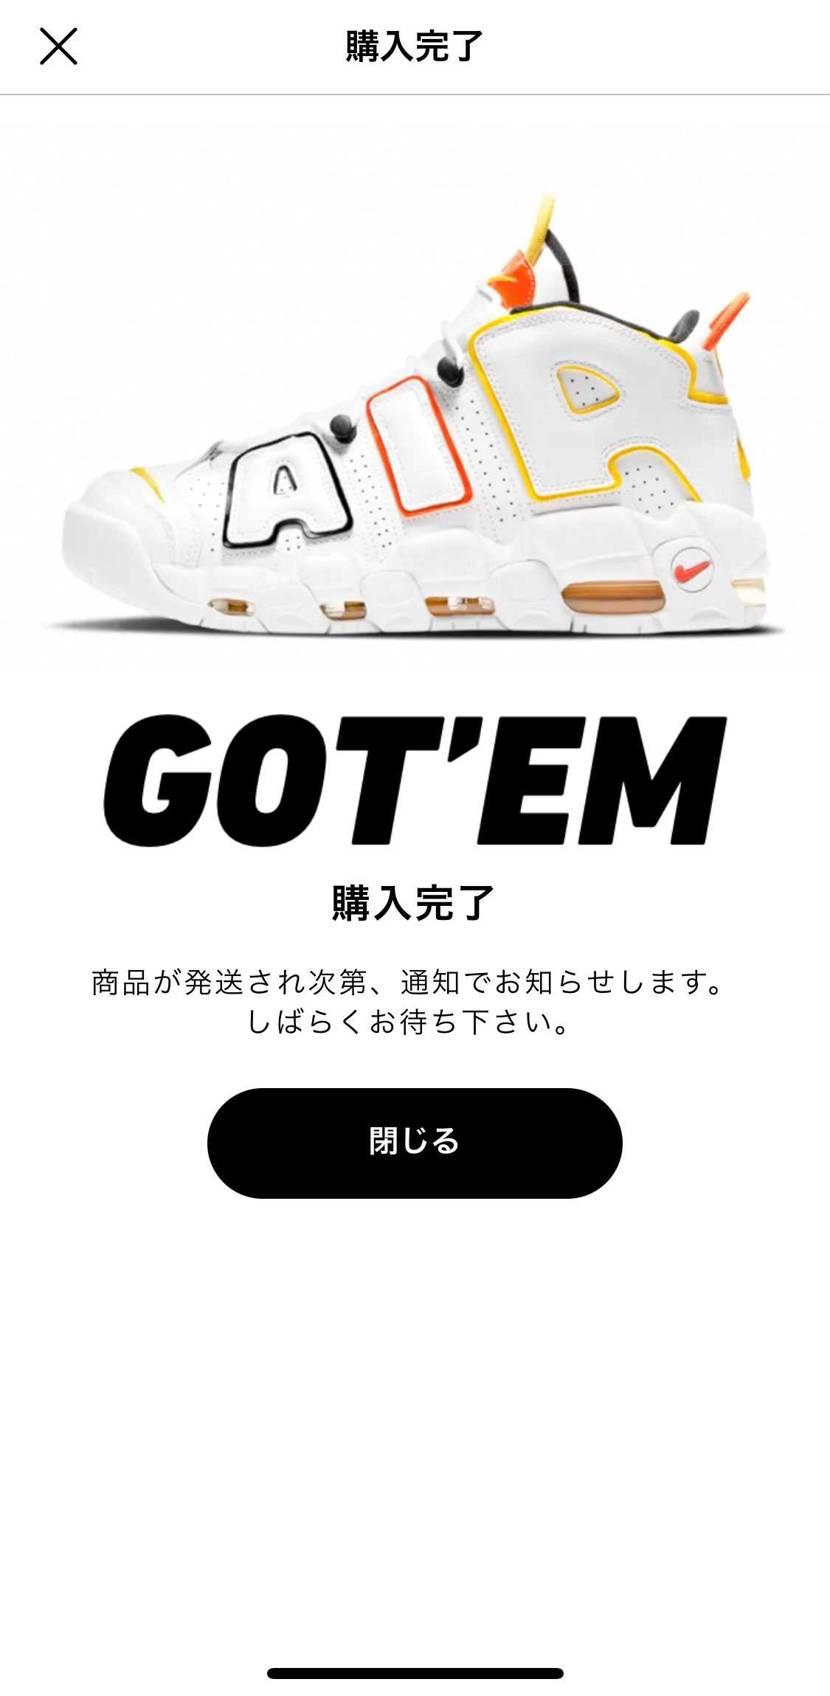 買ってやったぜぇぇぇ!!!おっほぉぉぉおおおう!!